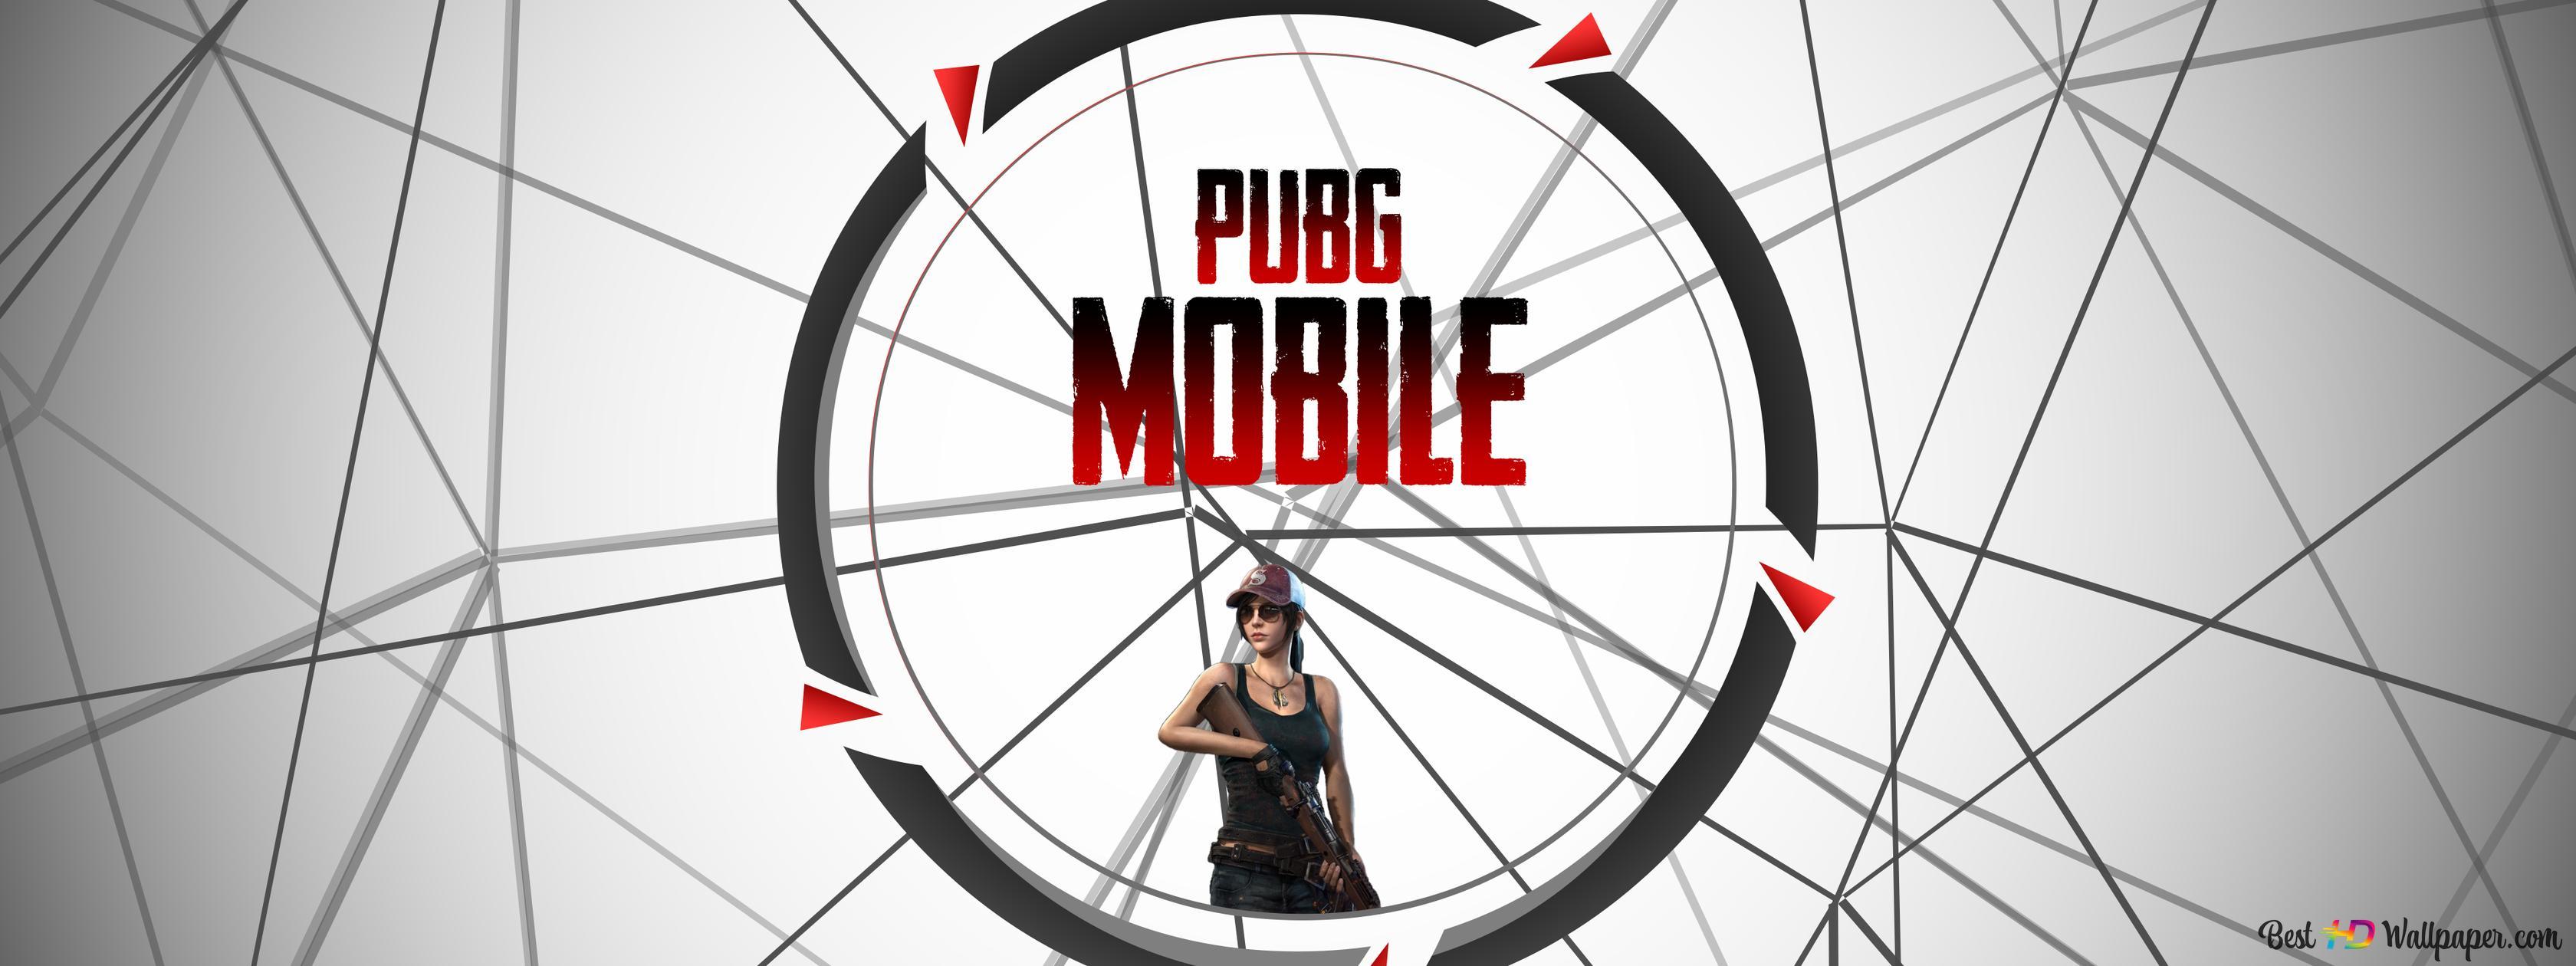 Pubg Wallpaper Ipad: Pubg Mobile Hd HD Wallpaper Download